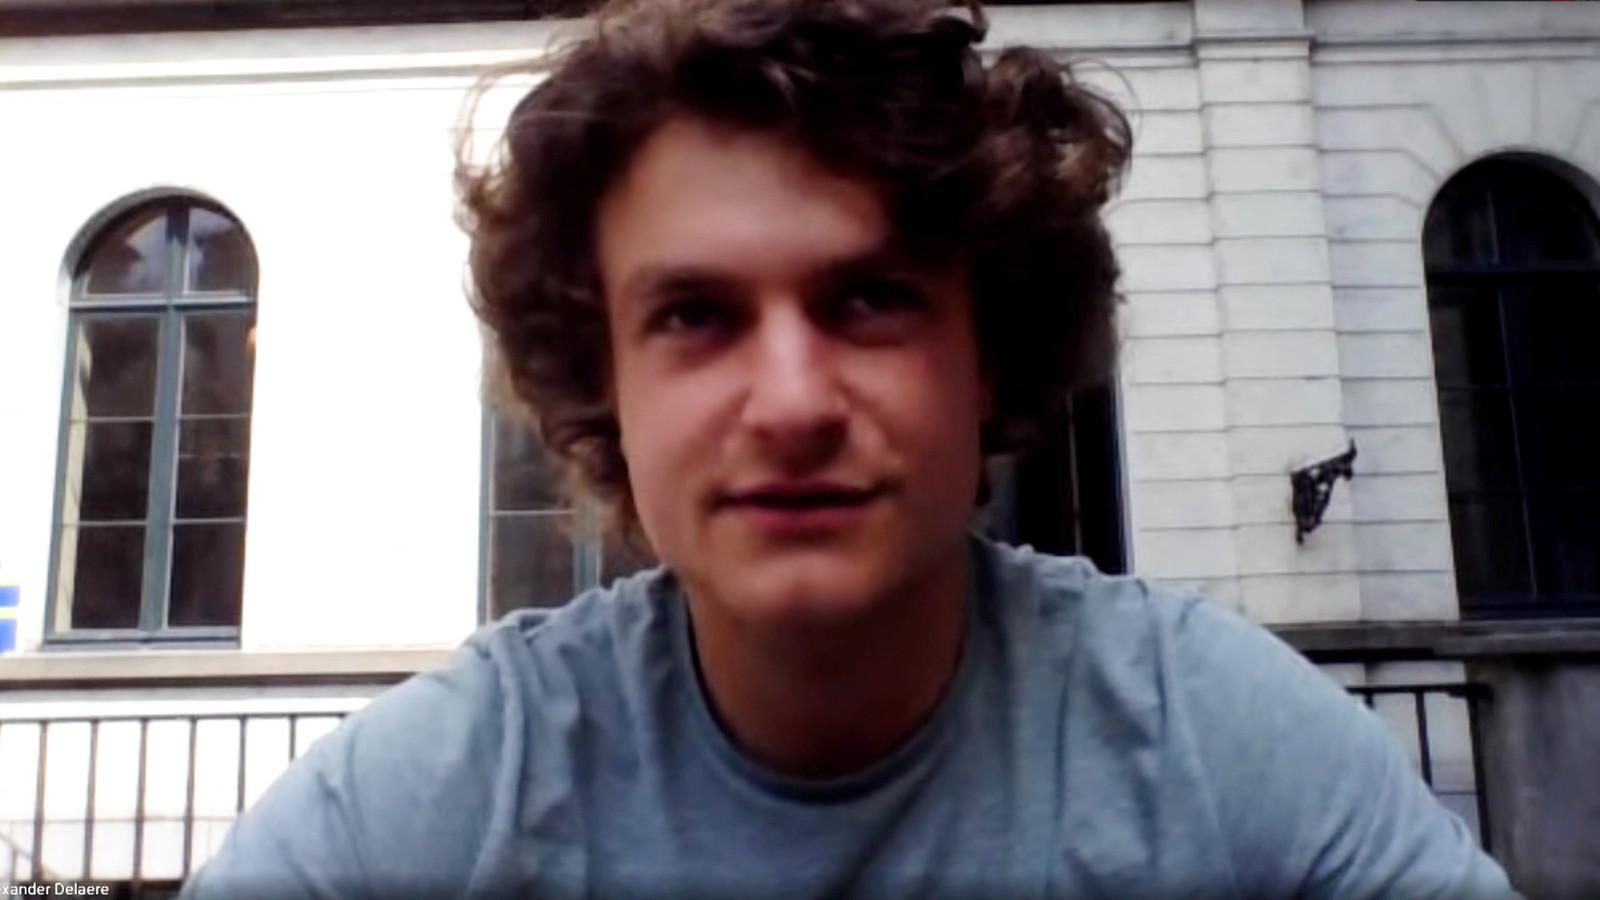 Alexander Delaere (21)